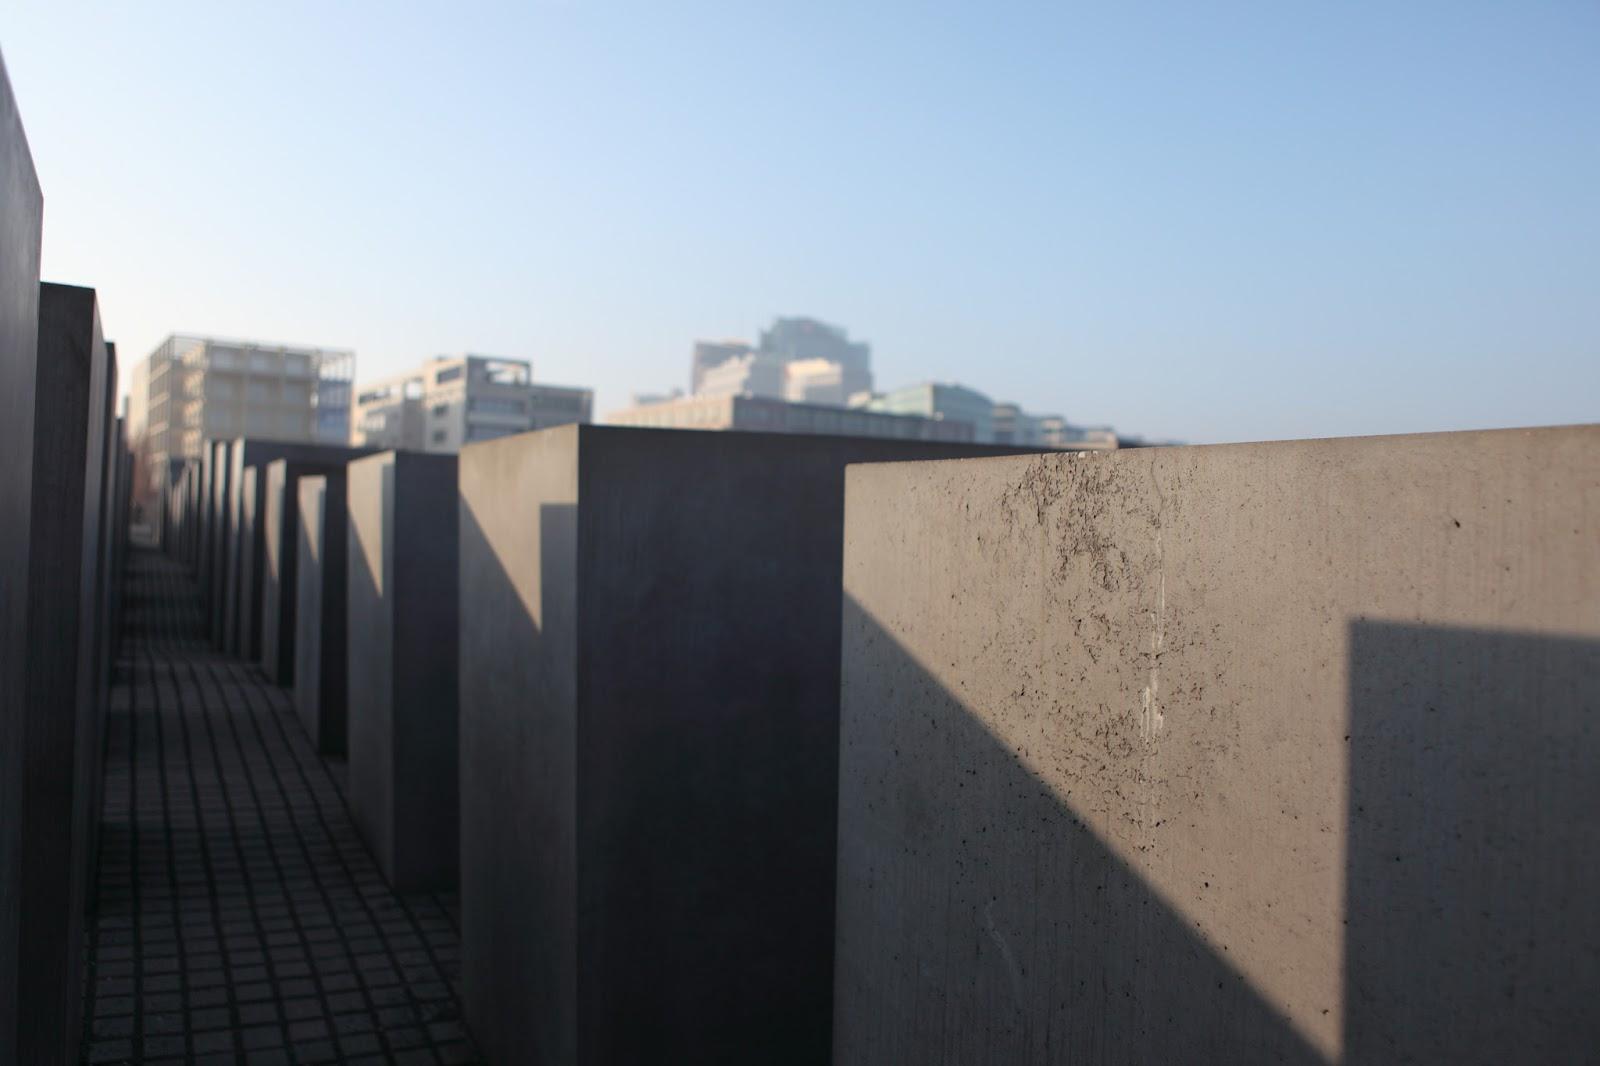 因為我可以!而且我想!: 天上掉下來的歐洲夢 Day 5(1) - 猶太人大屠殺紀念碑,柏林大教堂,老博物館